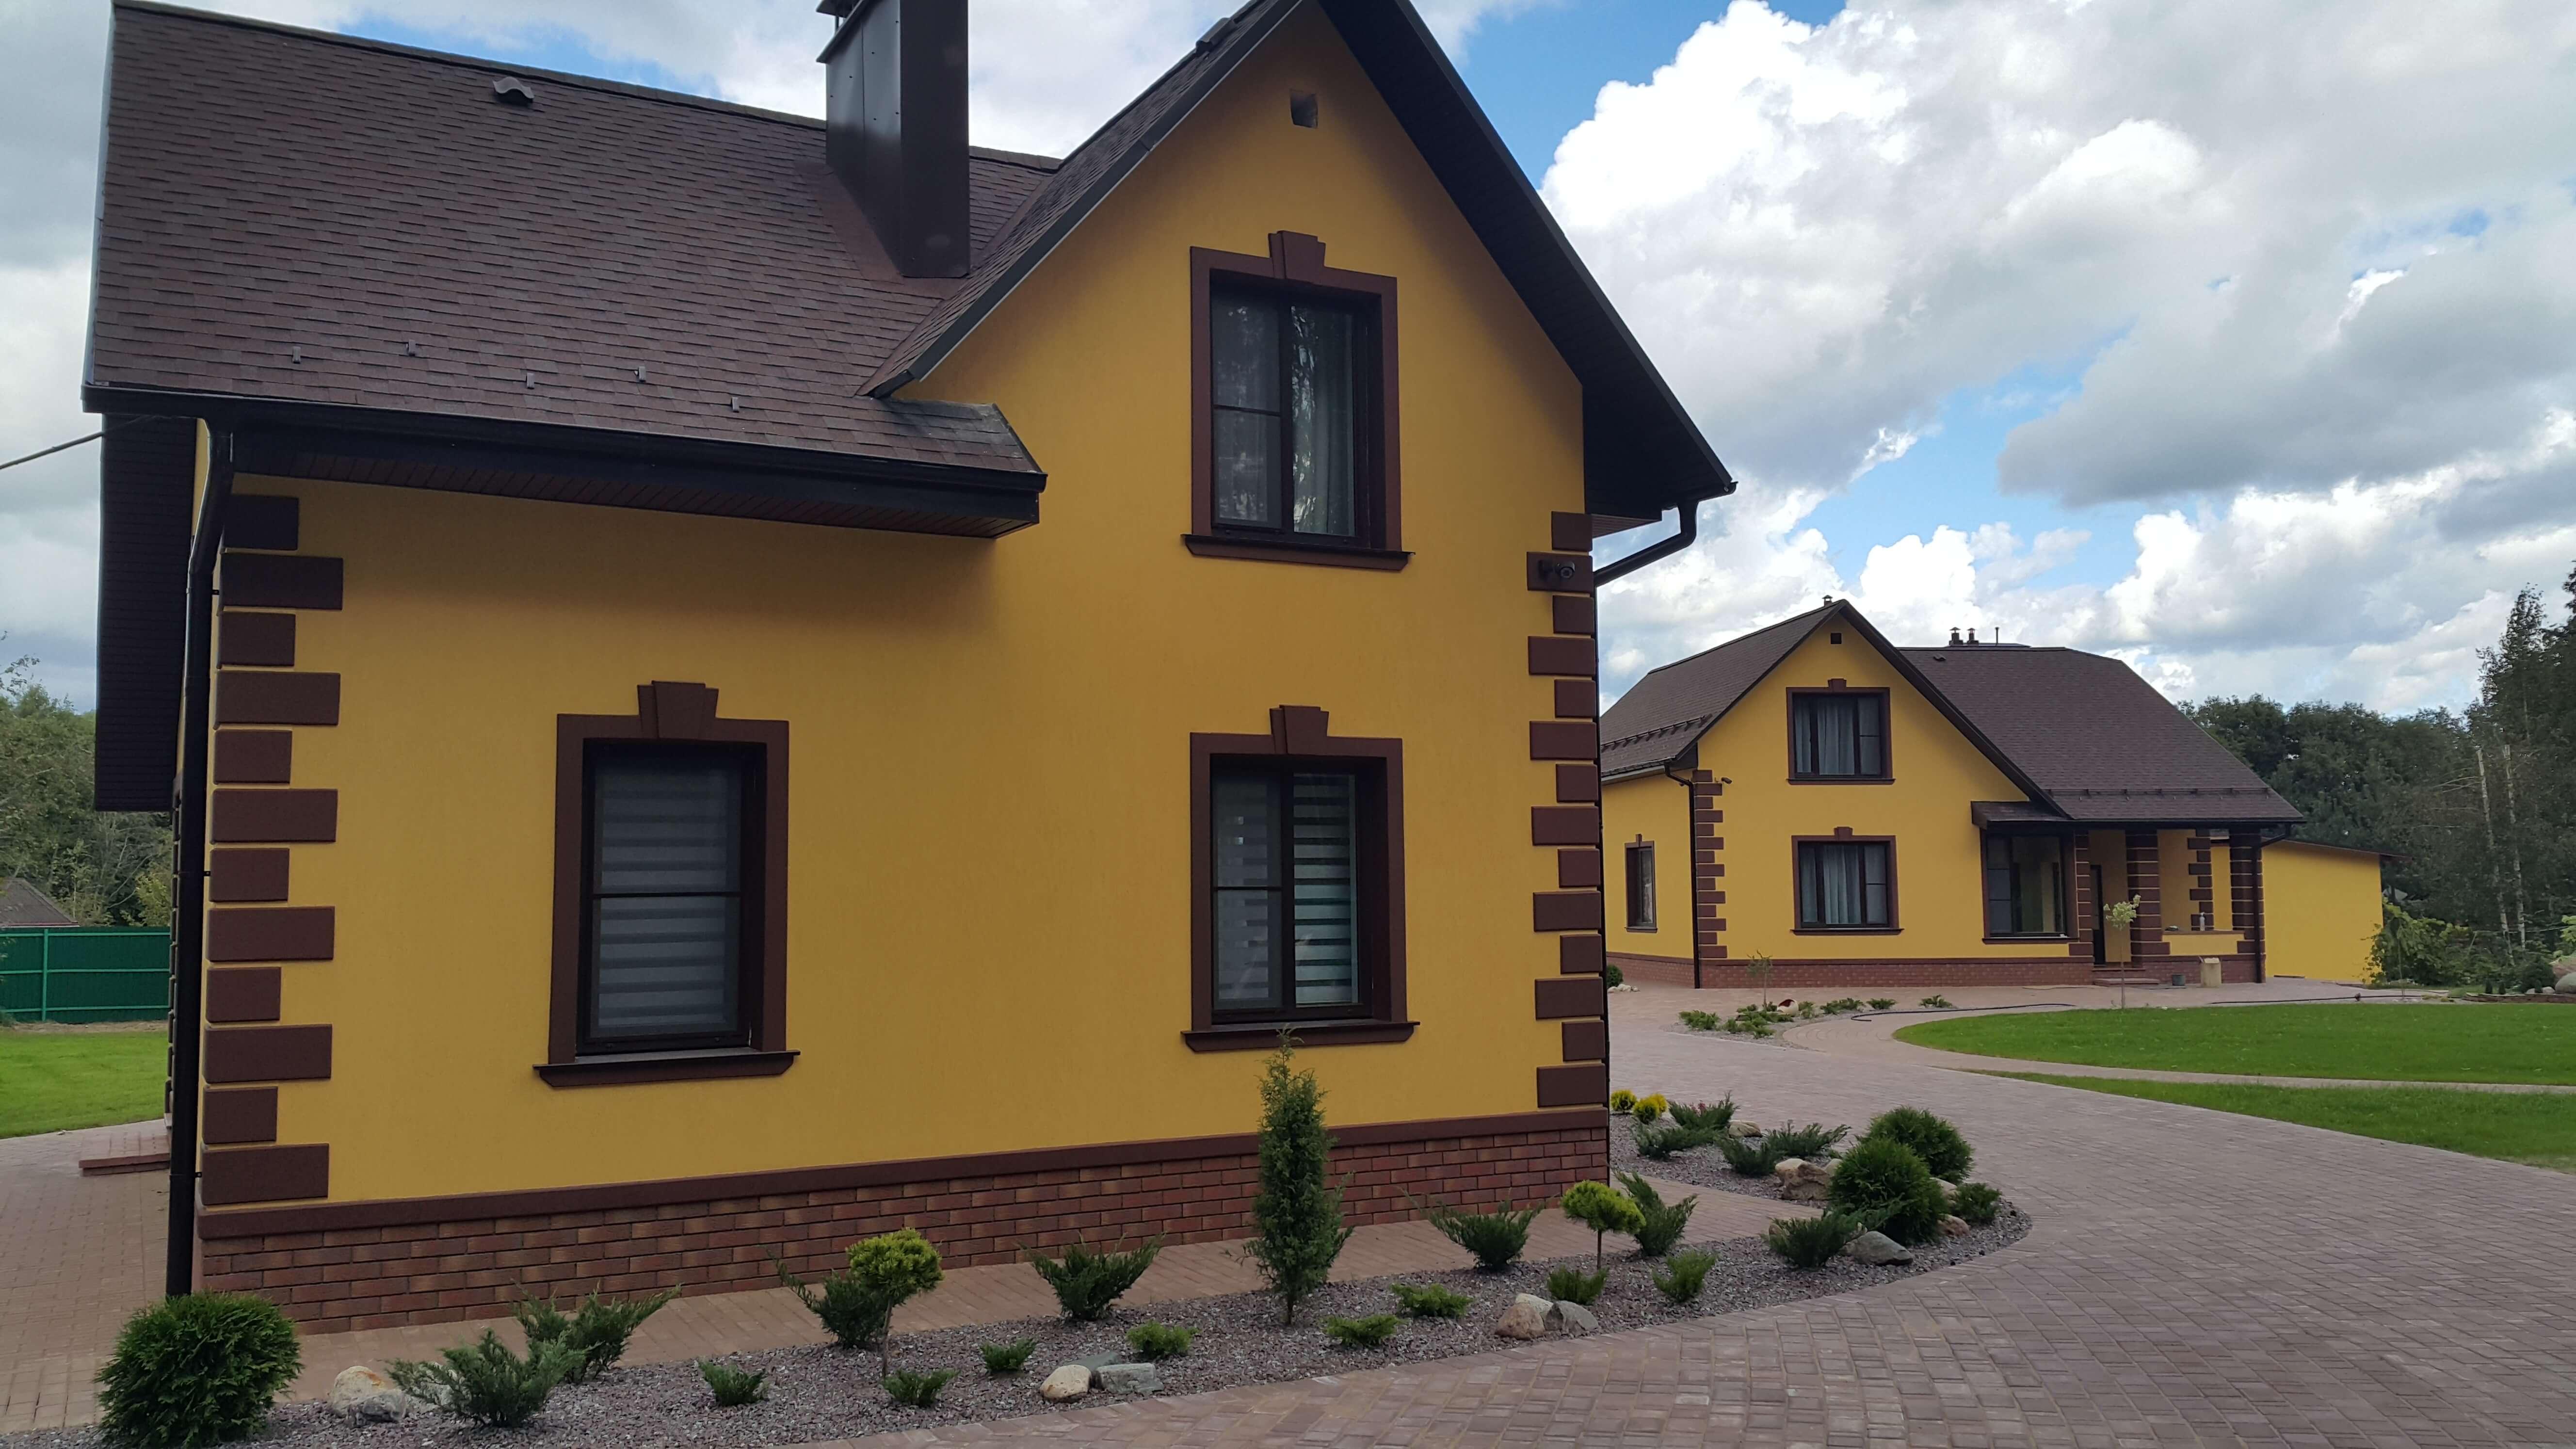 Фото домов покрашенных фасадной краской